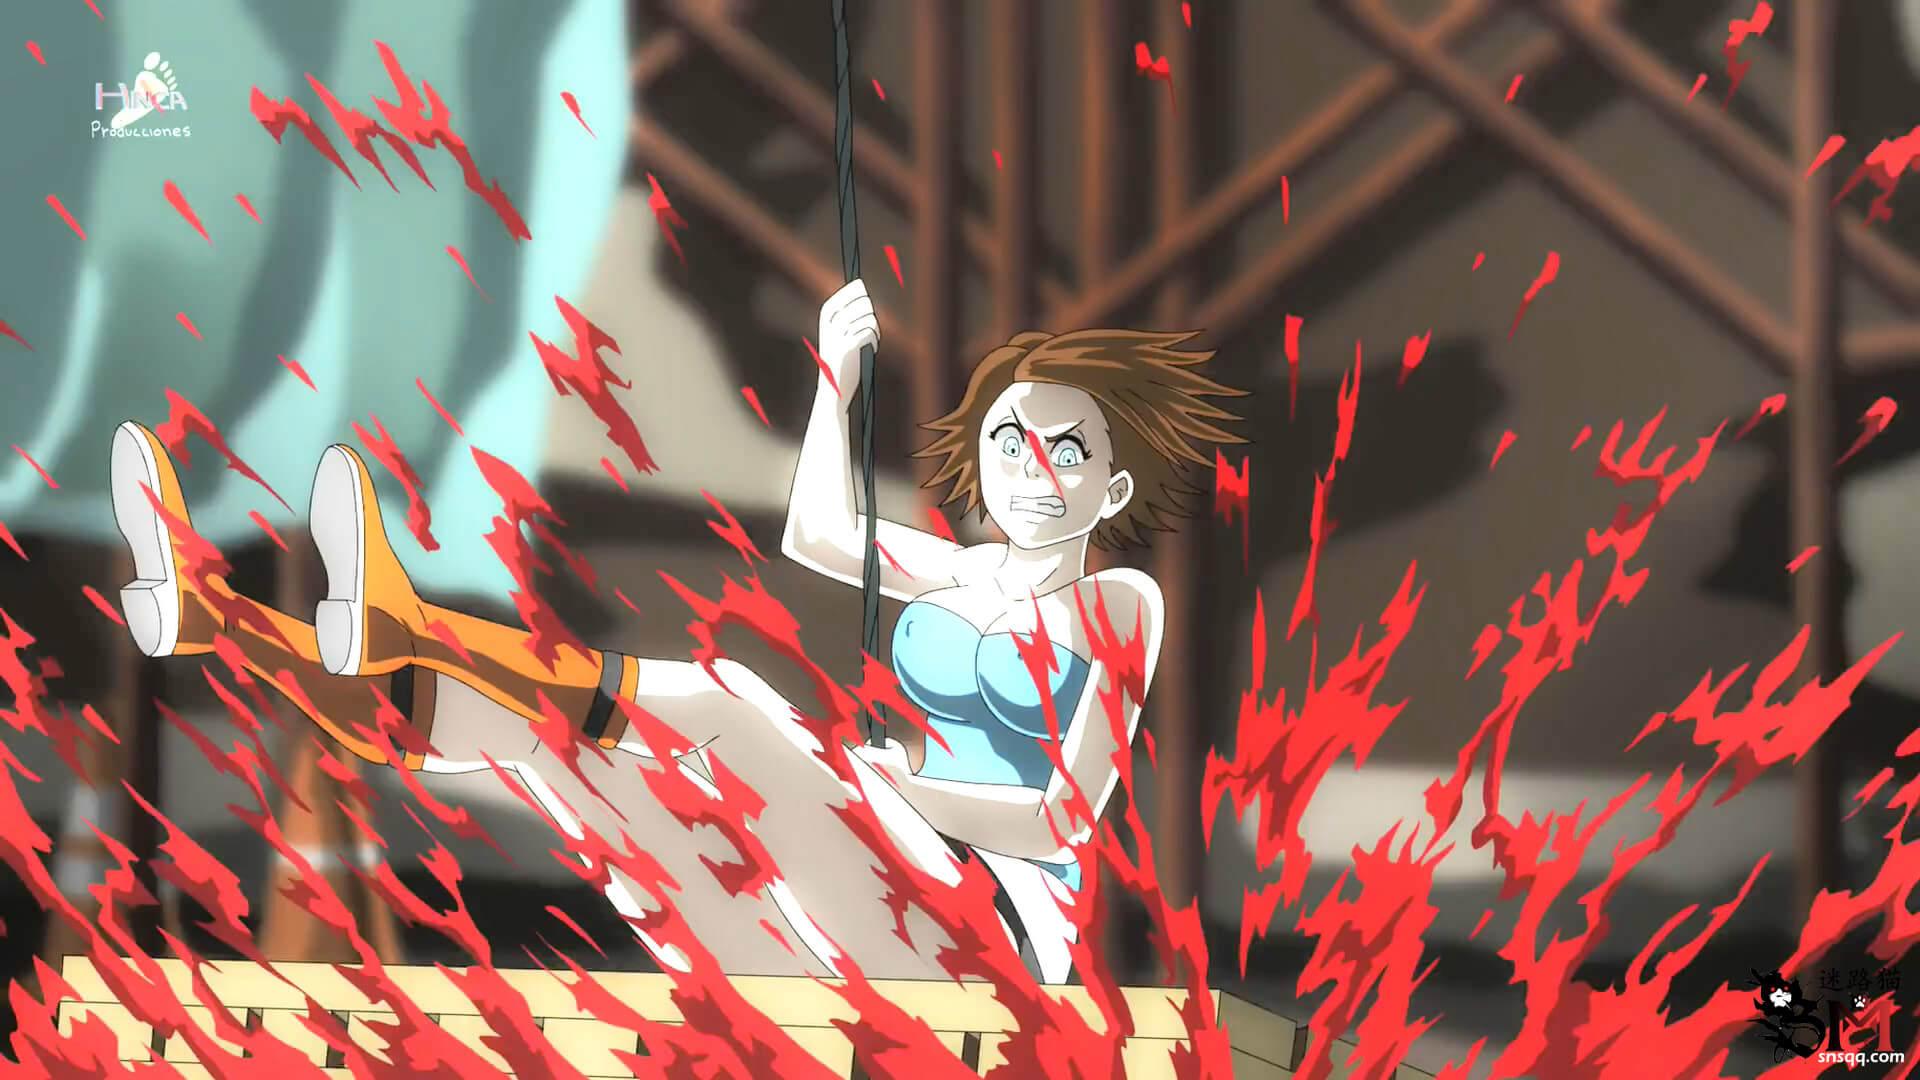 生化危机动画版-Ryona和Vore等猎奇元素混合Exposed虐打